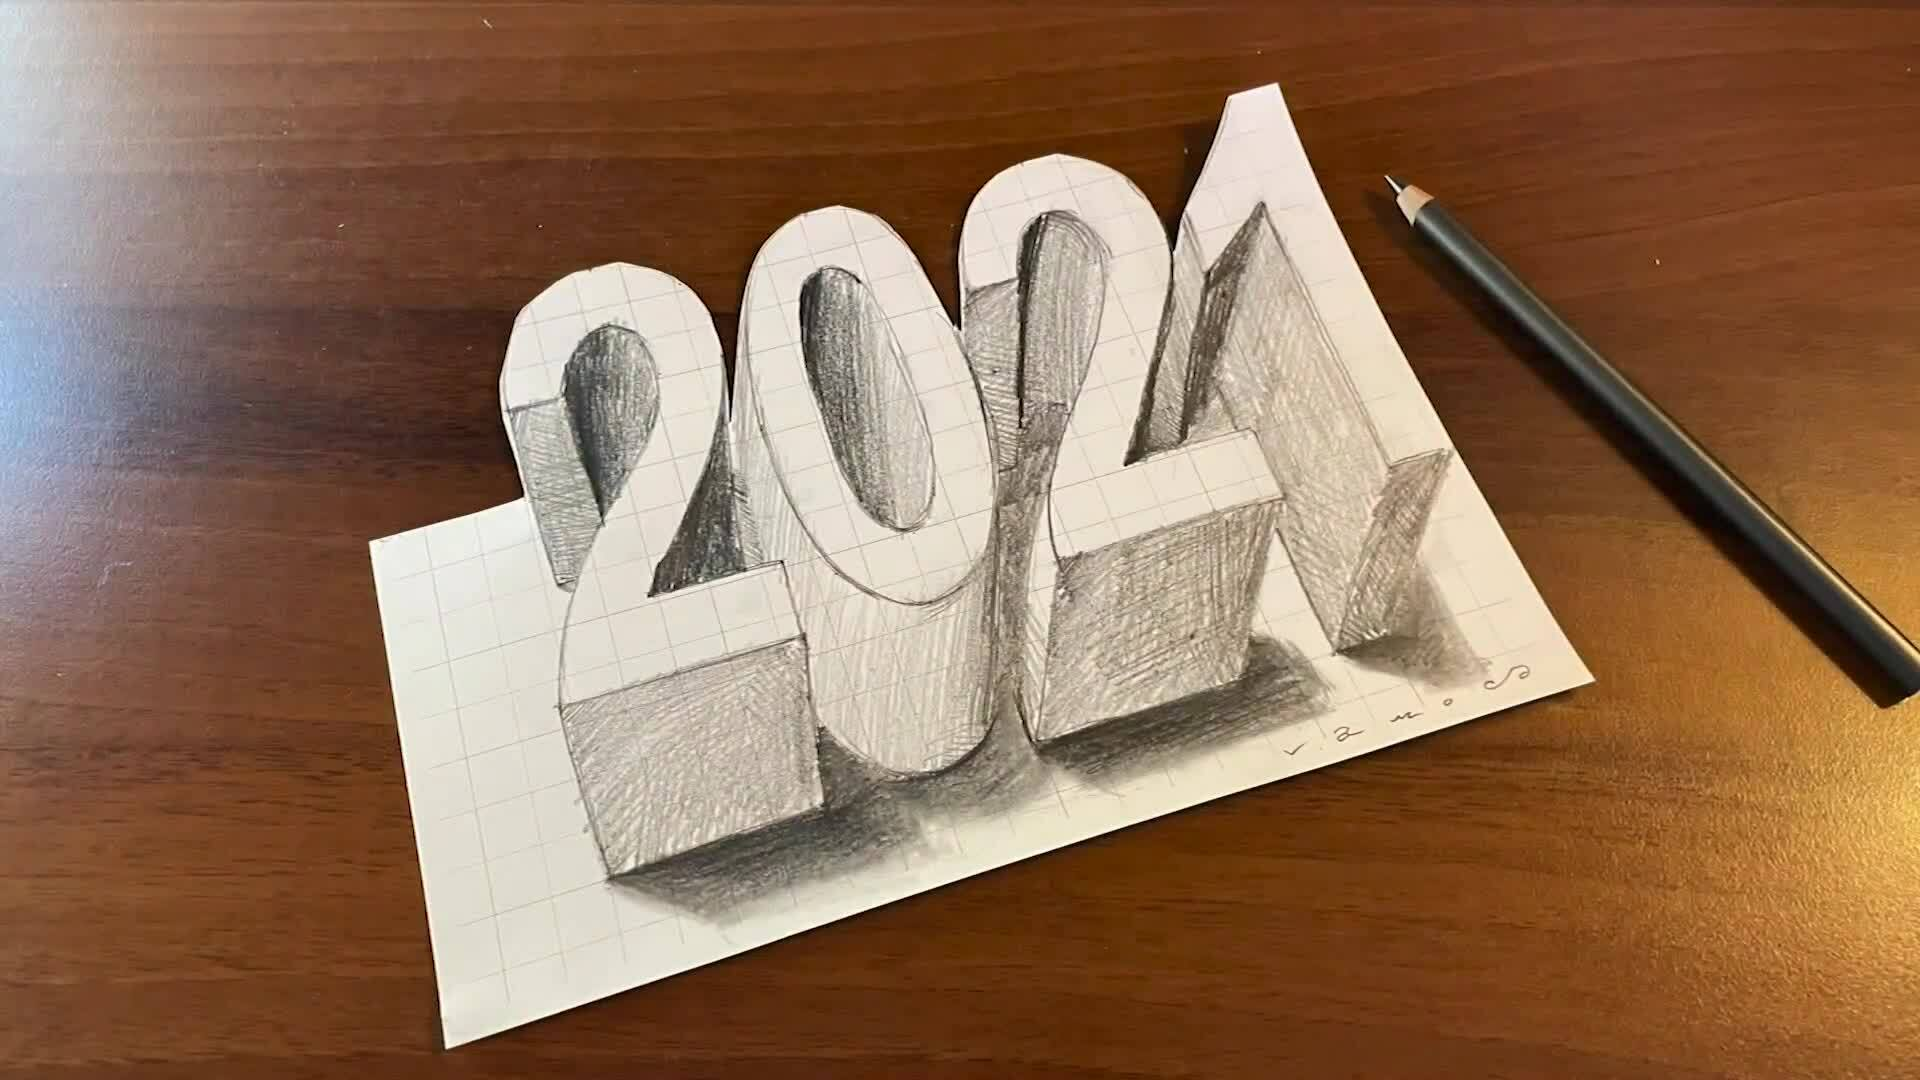 Vẽ số 2021 nổi trên giấy